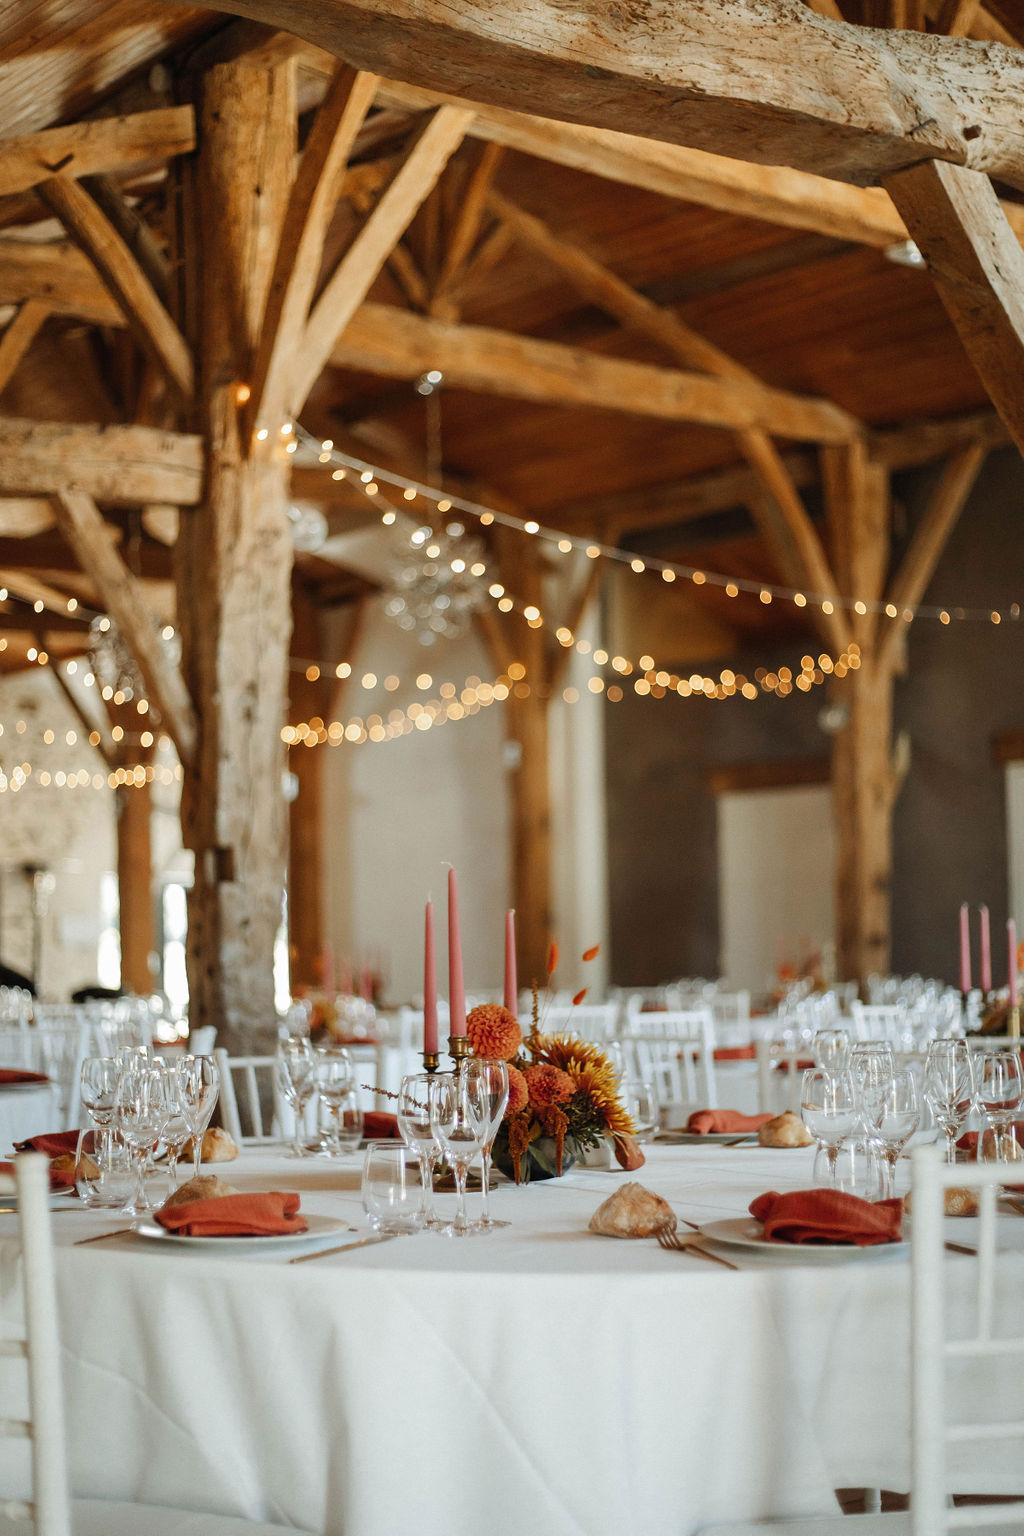 decoratrice mariage vendee pays de la loire domaine de la moinardiere lieu de réception